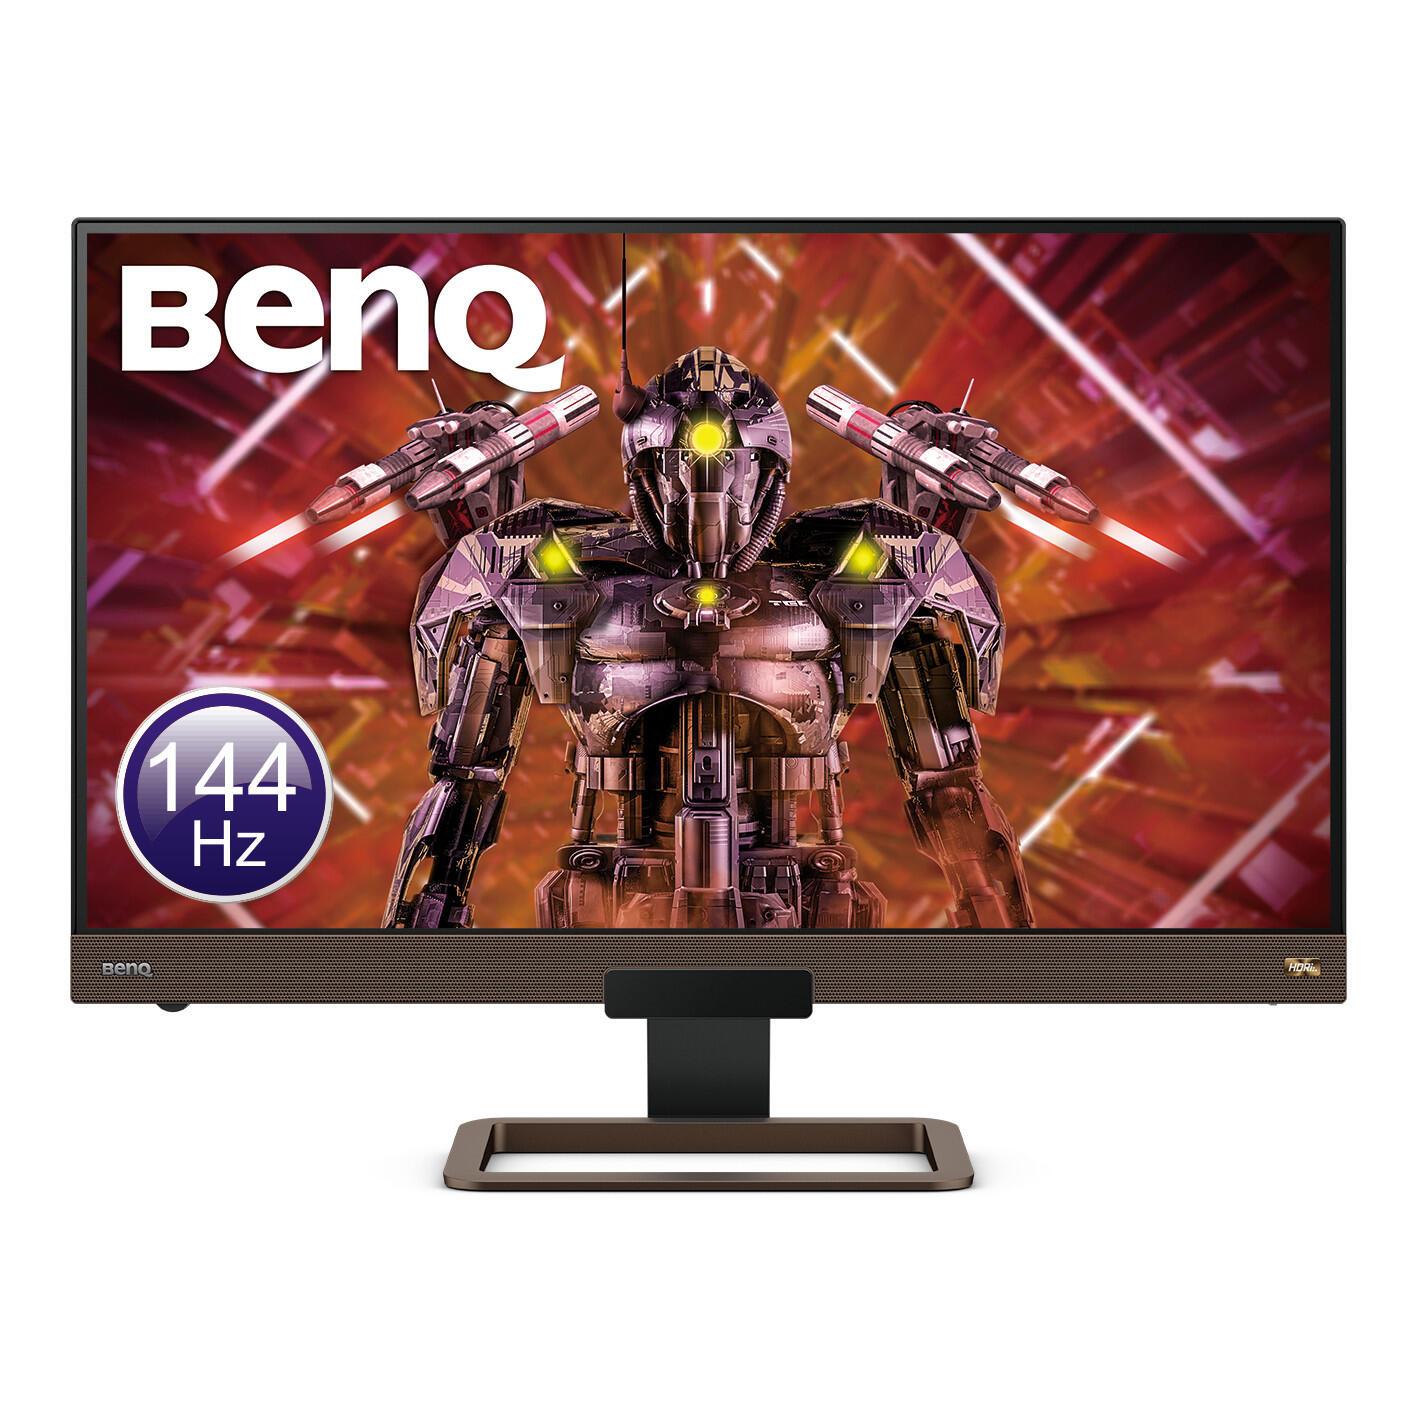 Image 1 : BenQ sort son écran EX2780Q : dalle HDR Quad HD à 144 Hz avec un système audio 2.1